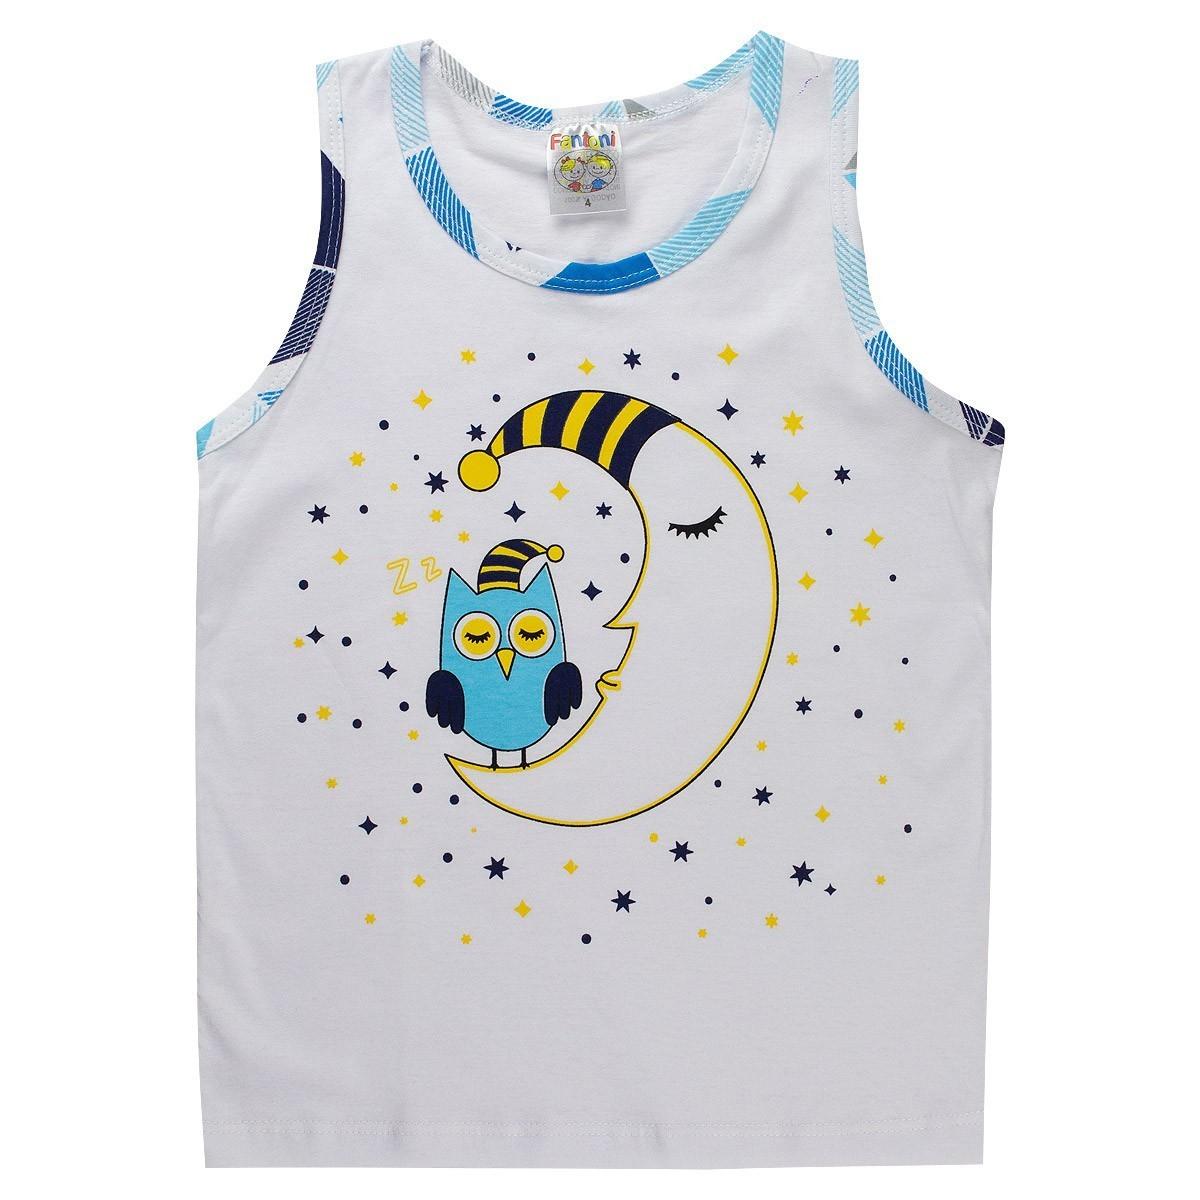 Conjunto Infantil Pijama Regata Menino Branco - Fantoni